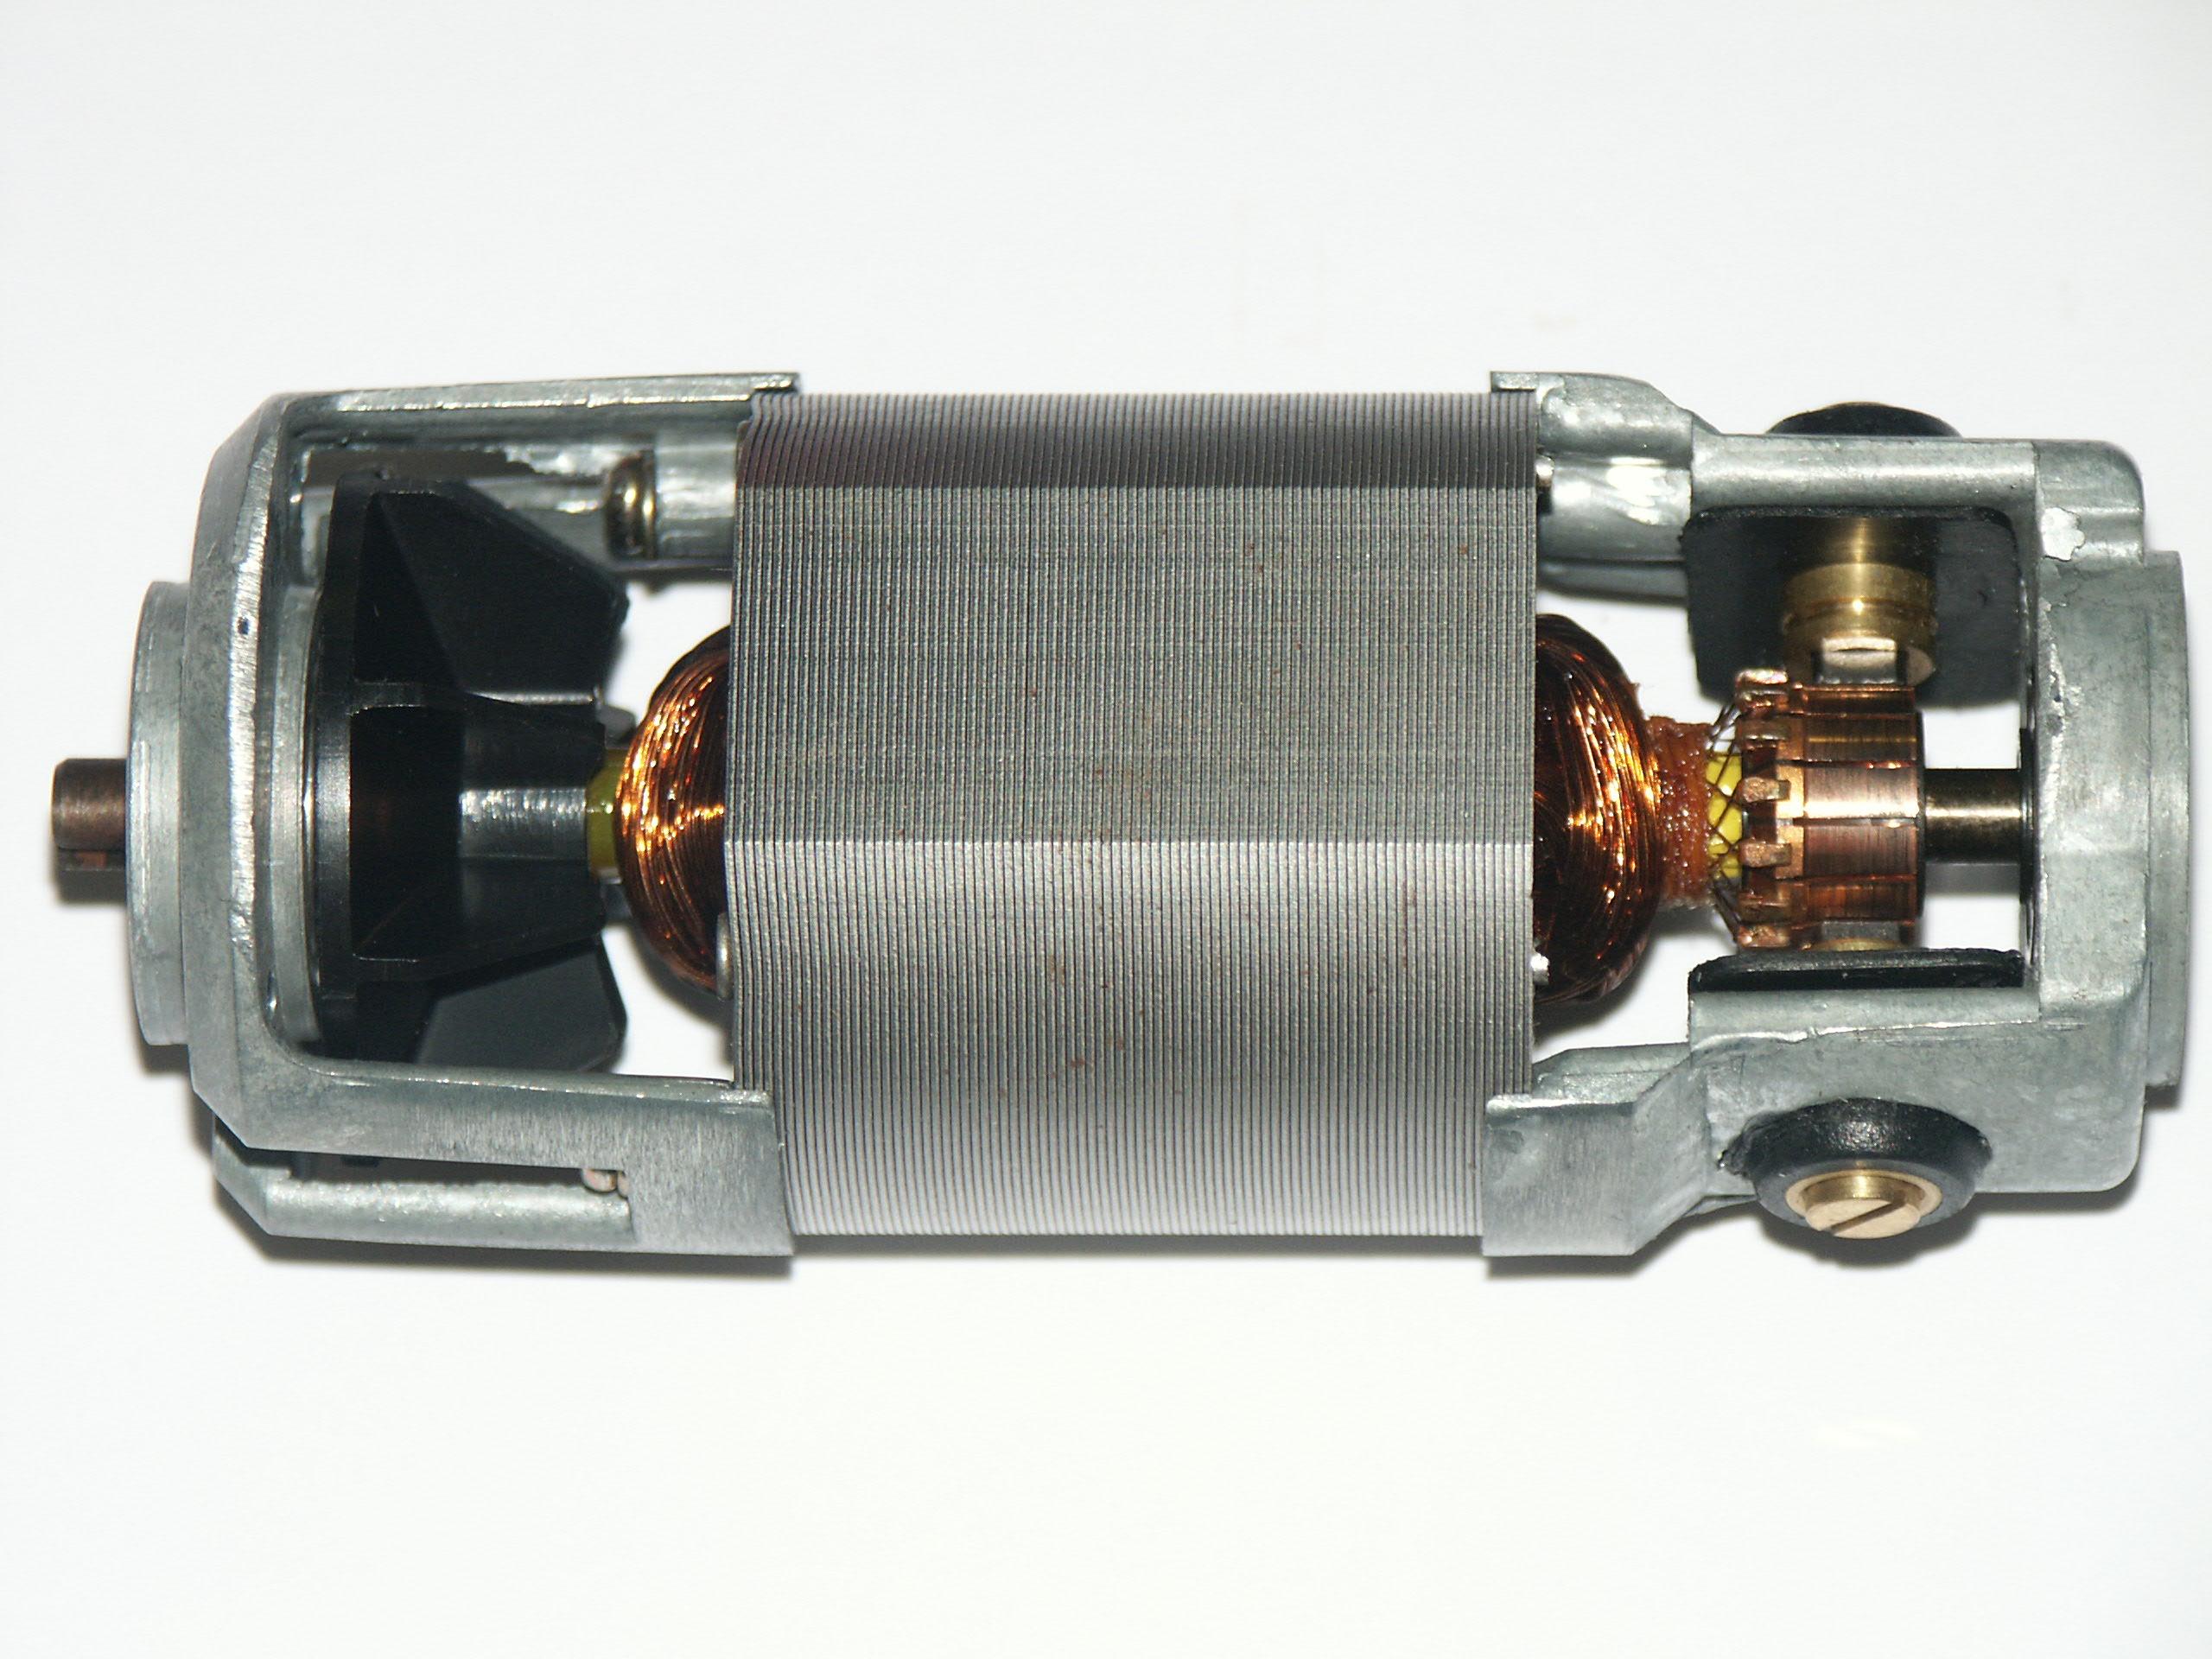 MOTOR ASSM. (110V & 220V) AS5003